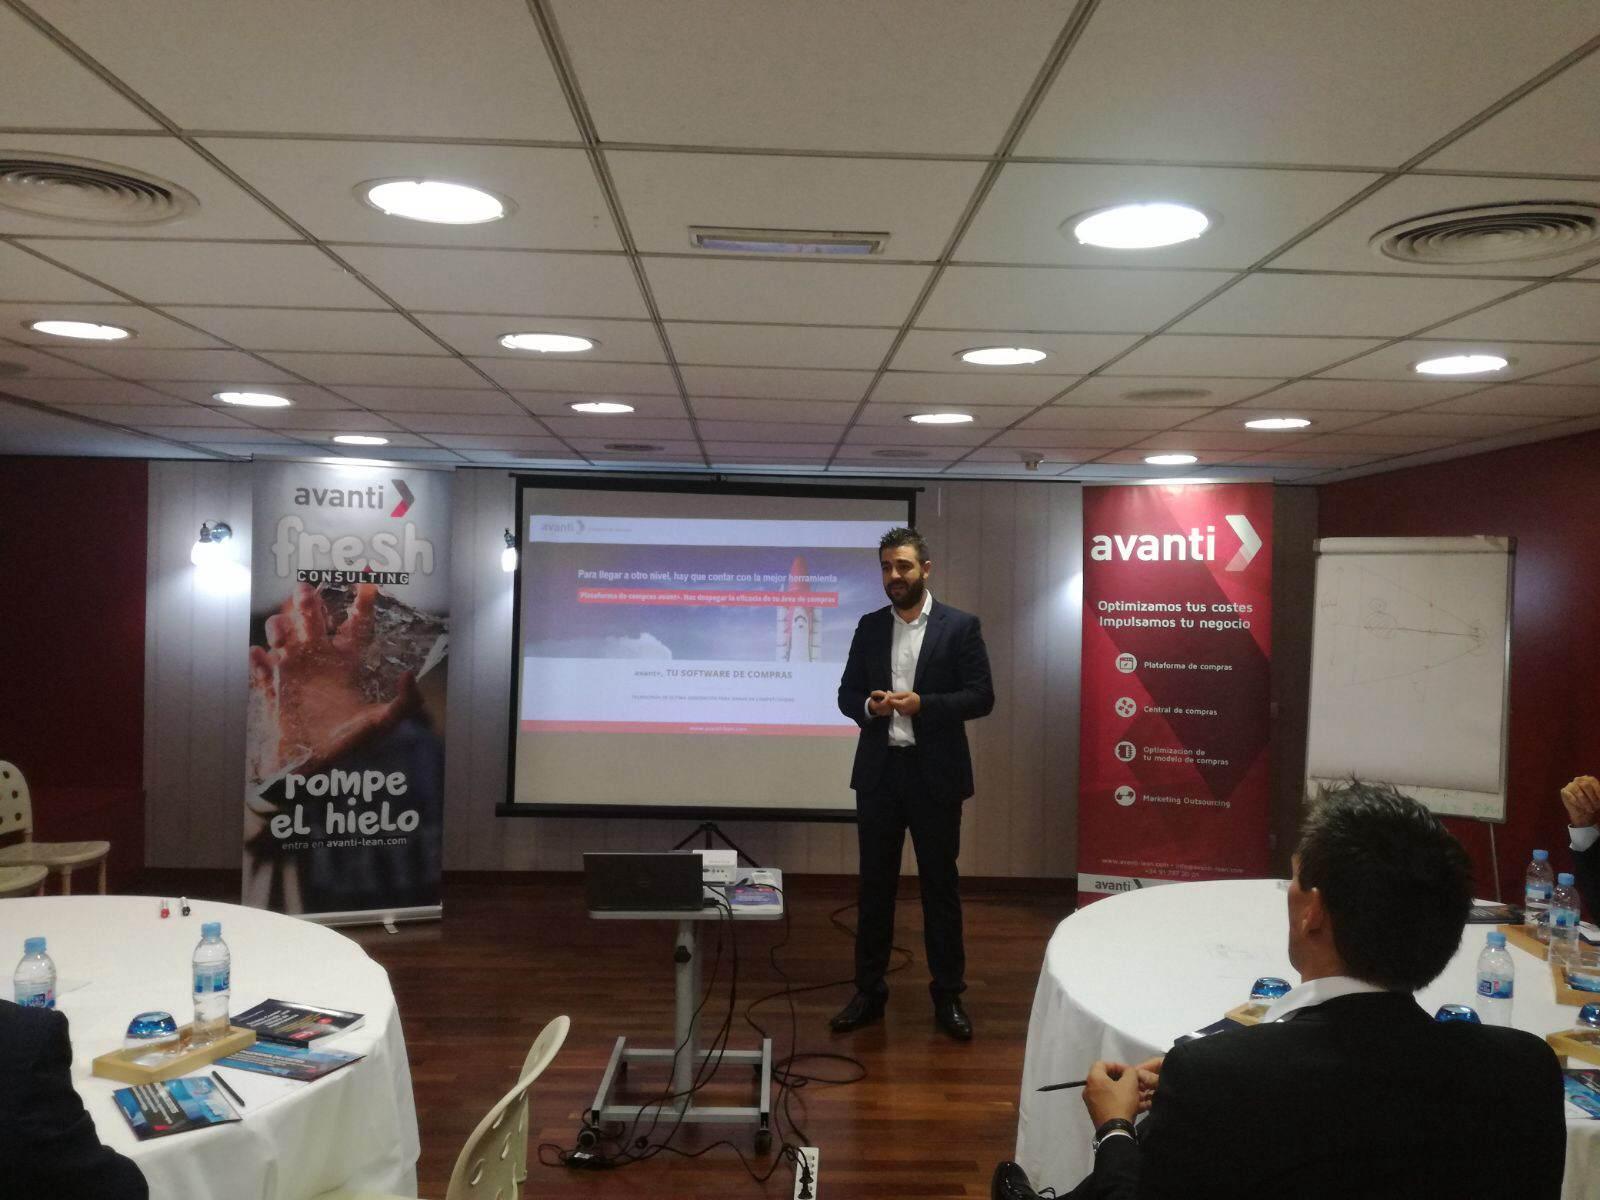 Alejandro Hernanz, director de negocio de Avanti